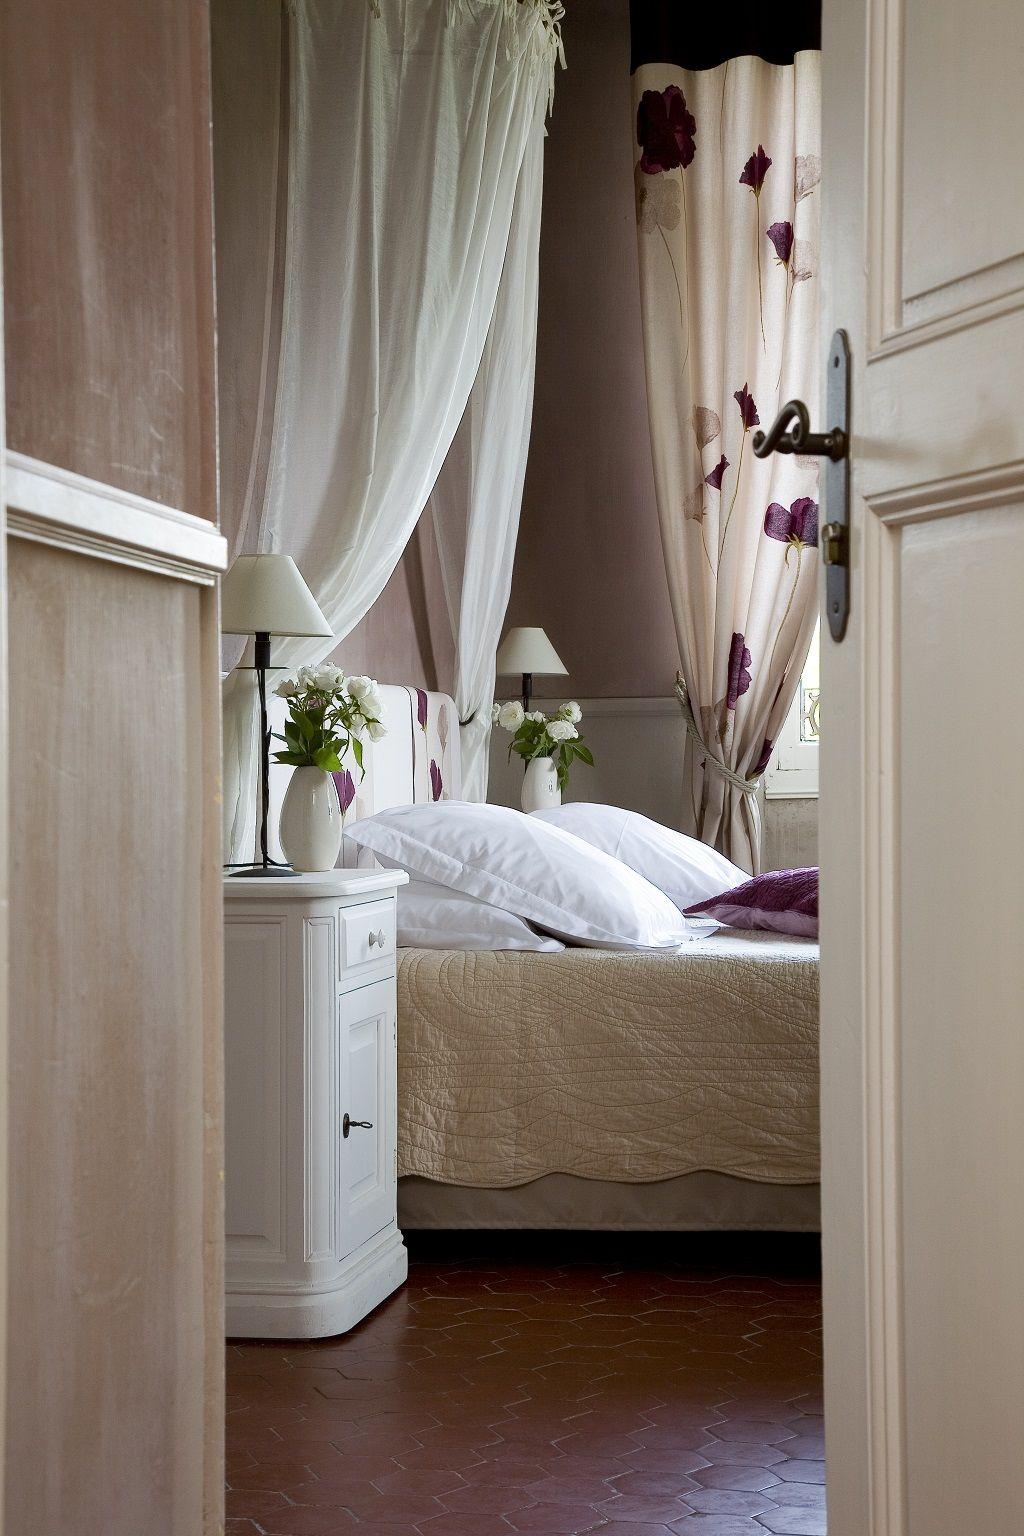 De Superbes Chambres D'Hôtes Spacieuses Et Raffinées Dans intérieur Chambre D Hote Périgueux